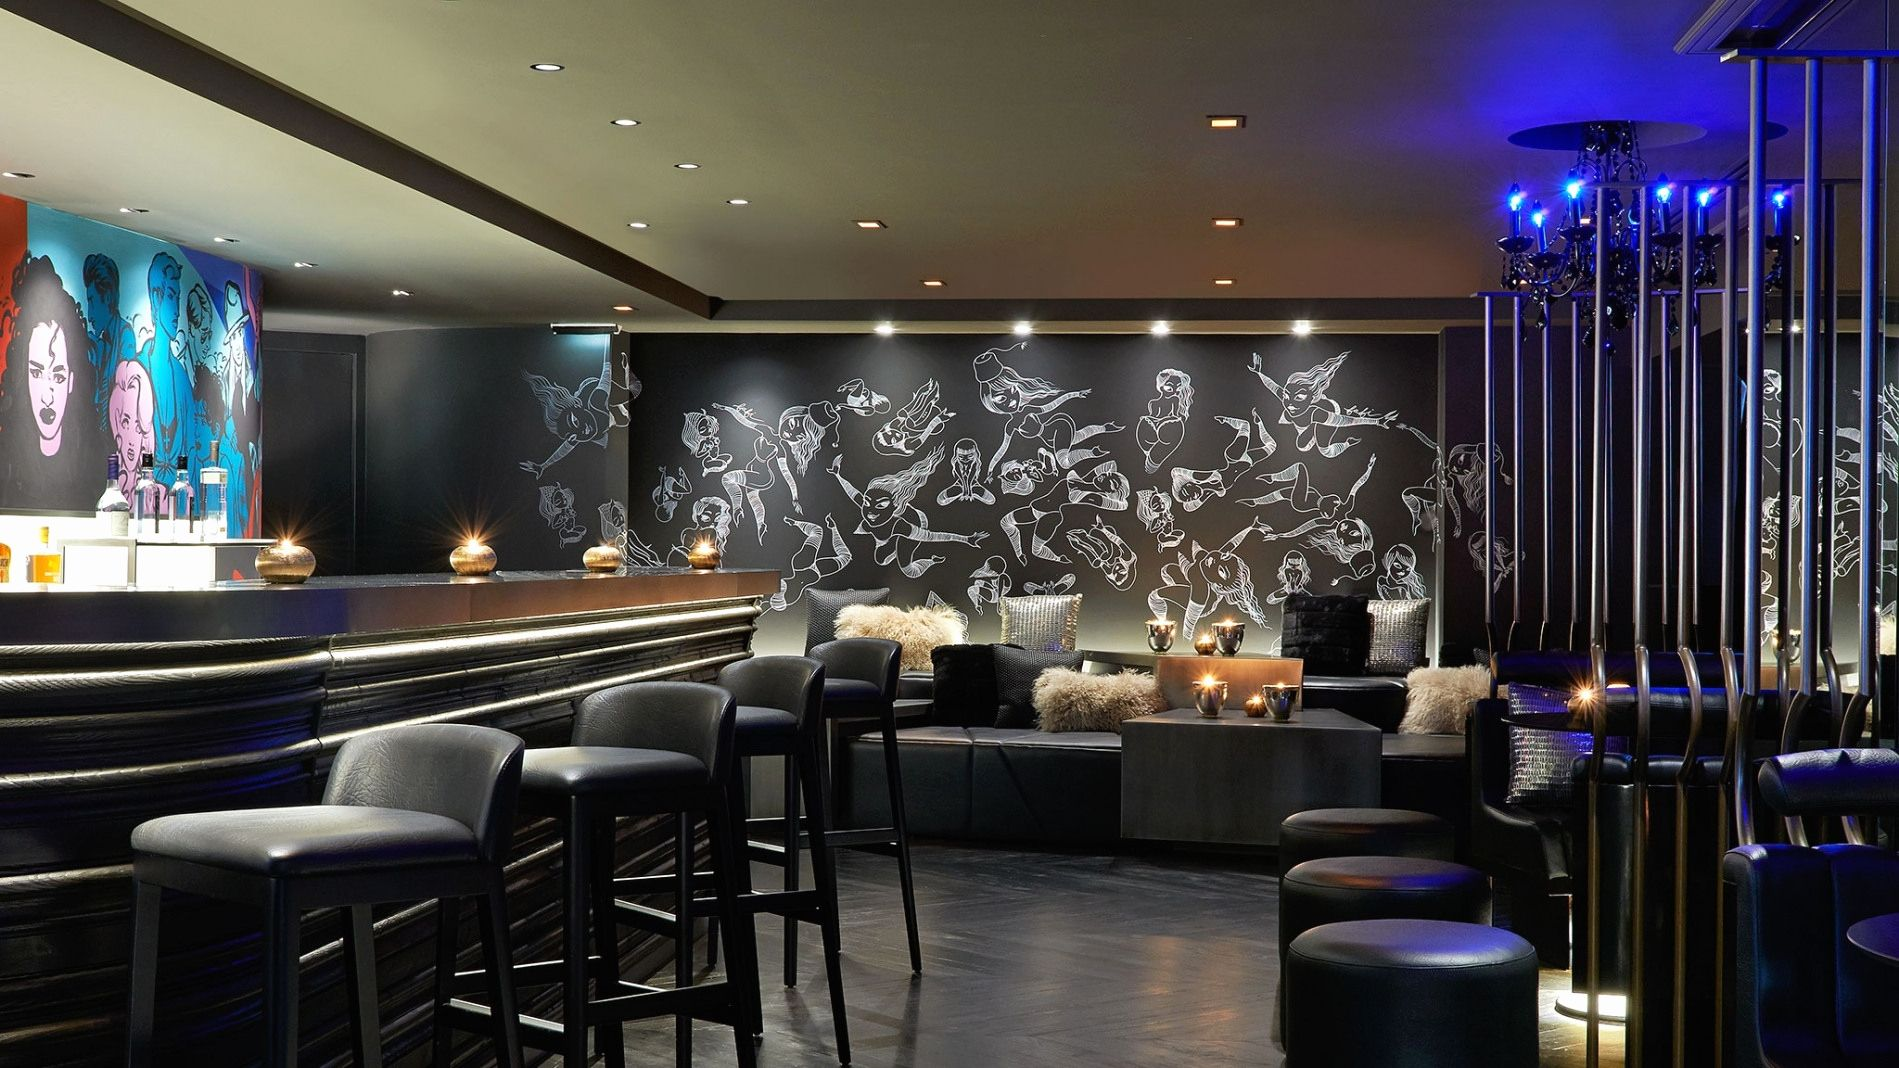 Amenagement De Bar Professionnel aménagement bar professionnel - recherche google | bar